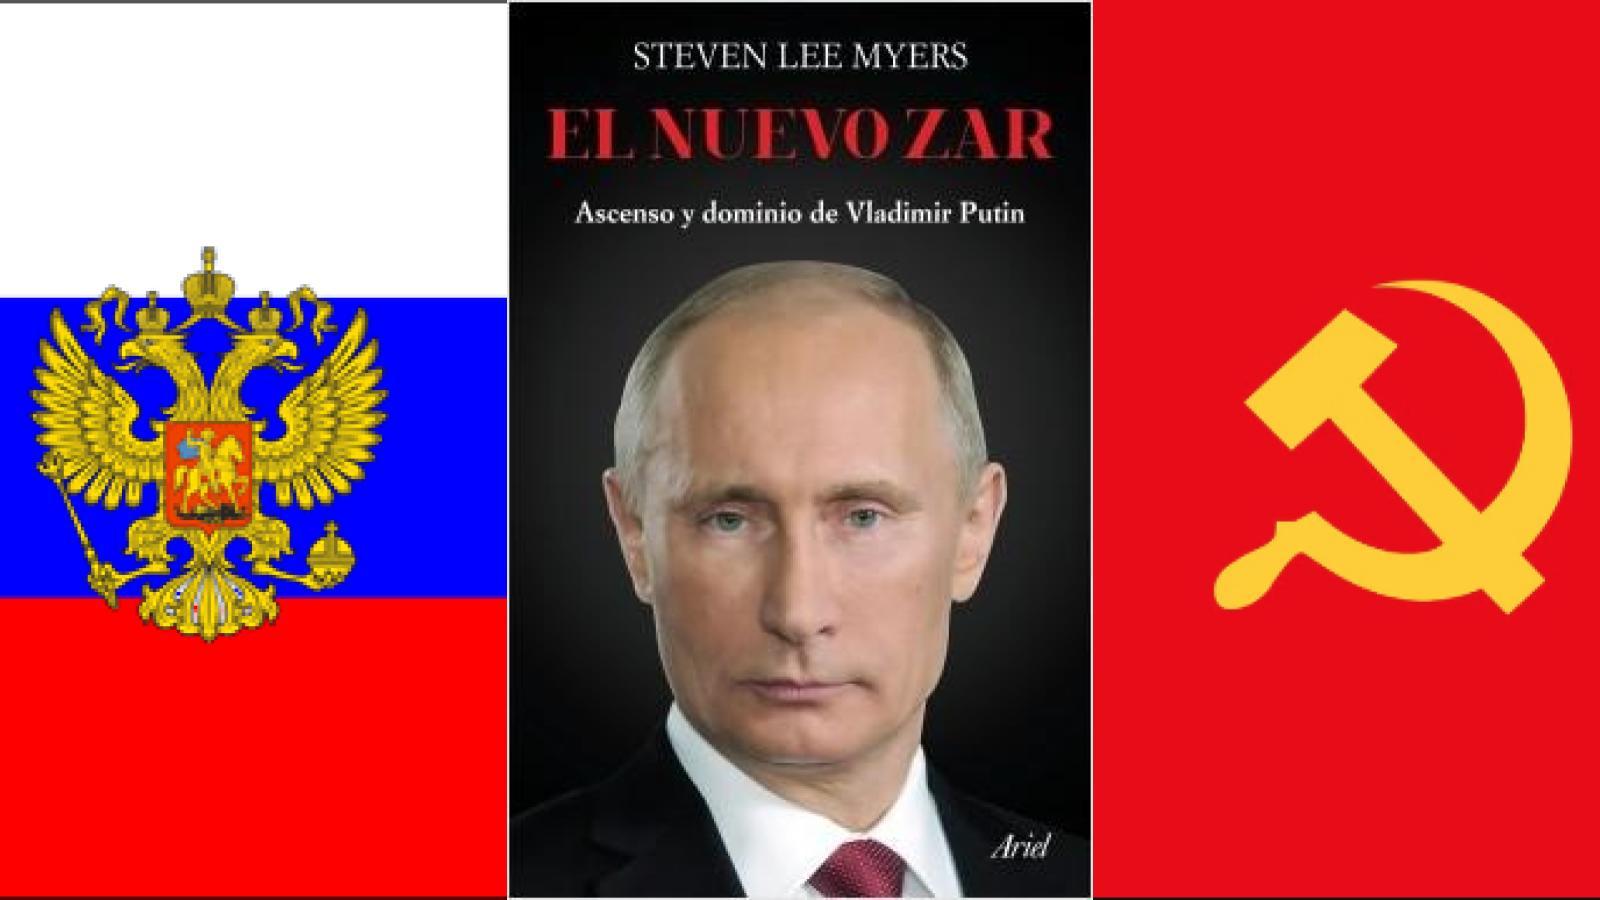 El nuevo zar: biografía de burócrata que se hizo presidente